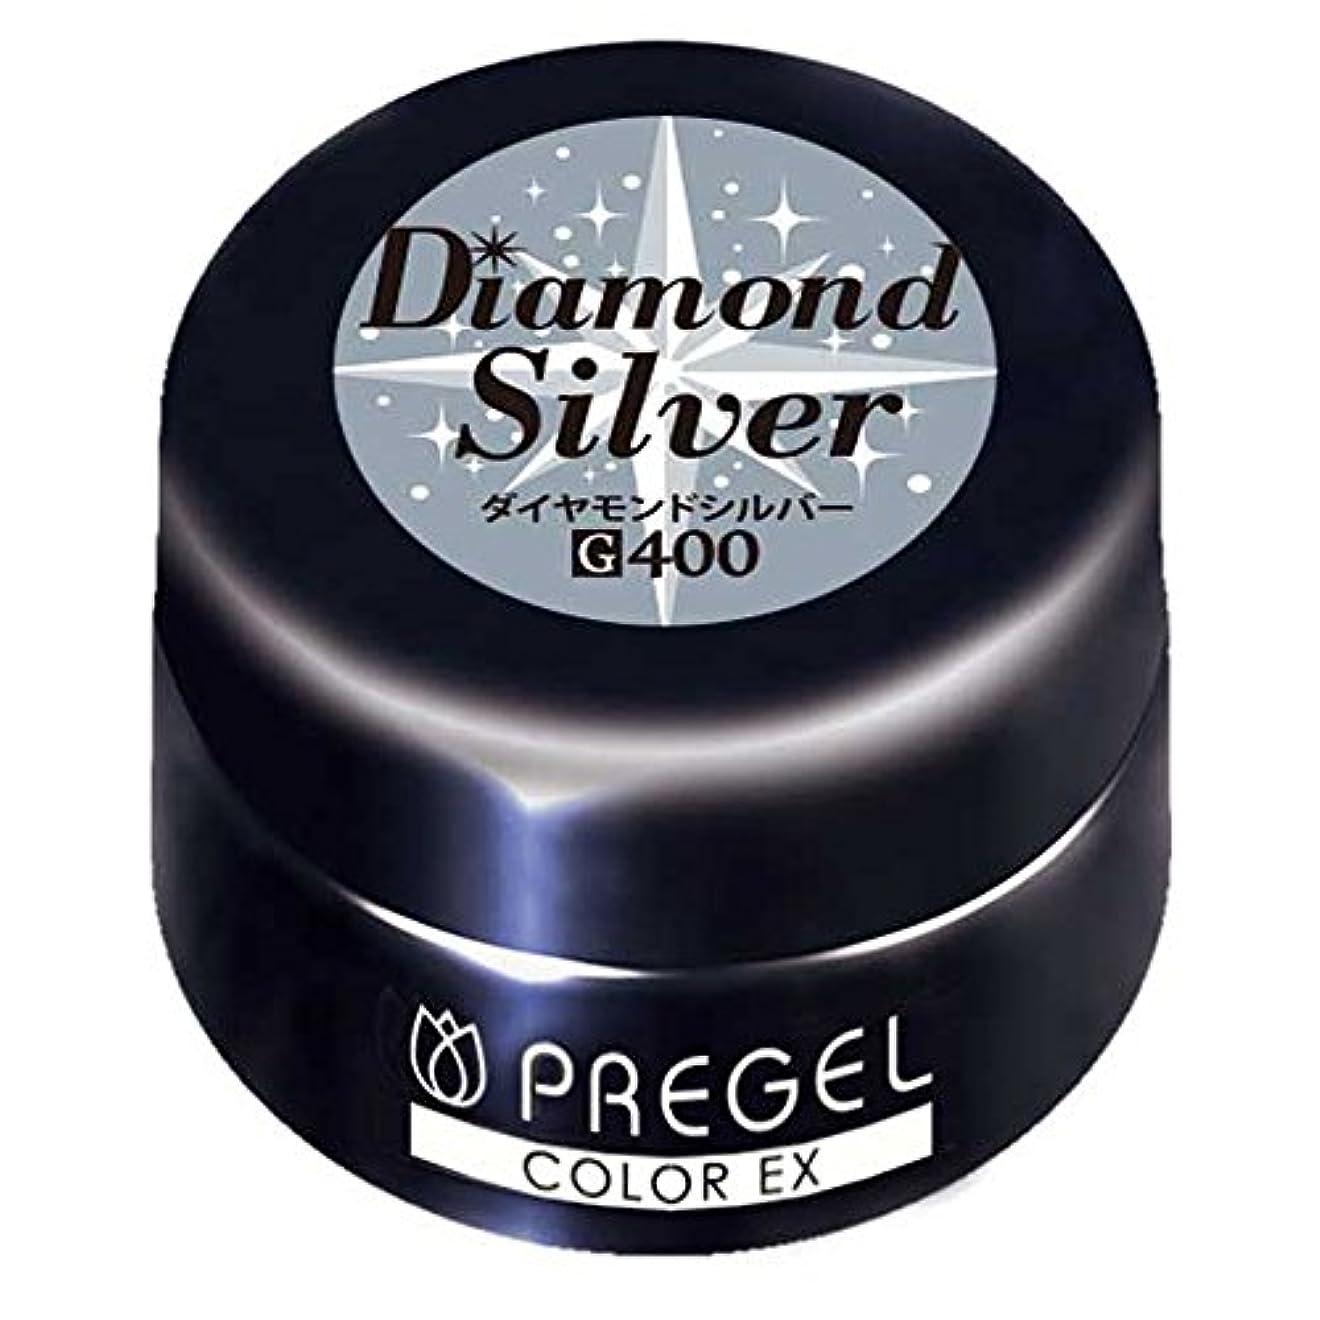 論争パーク奪うPRE GEL カラーEX ダイヤモンドシルバーCE400 UV/LED対応 カラージェル